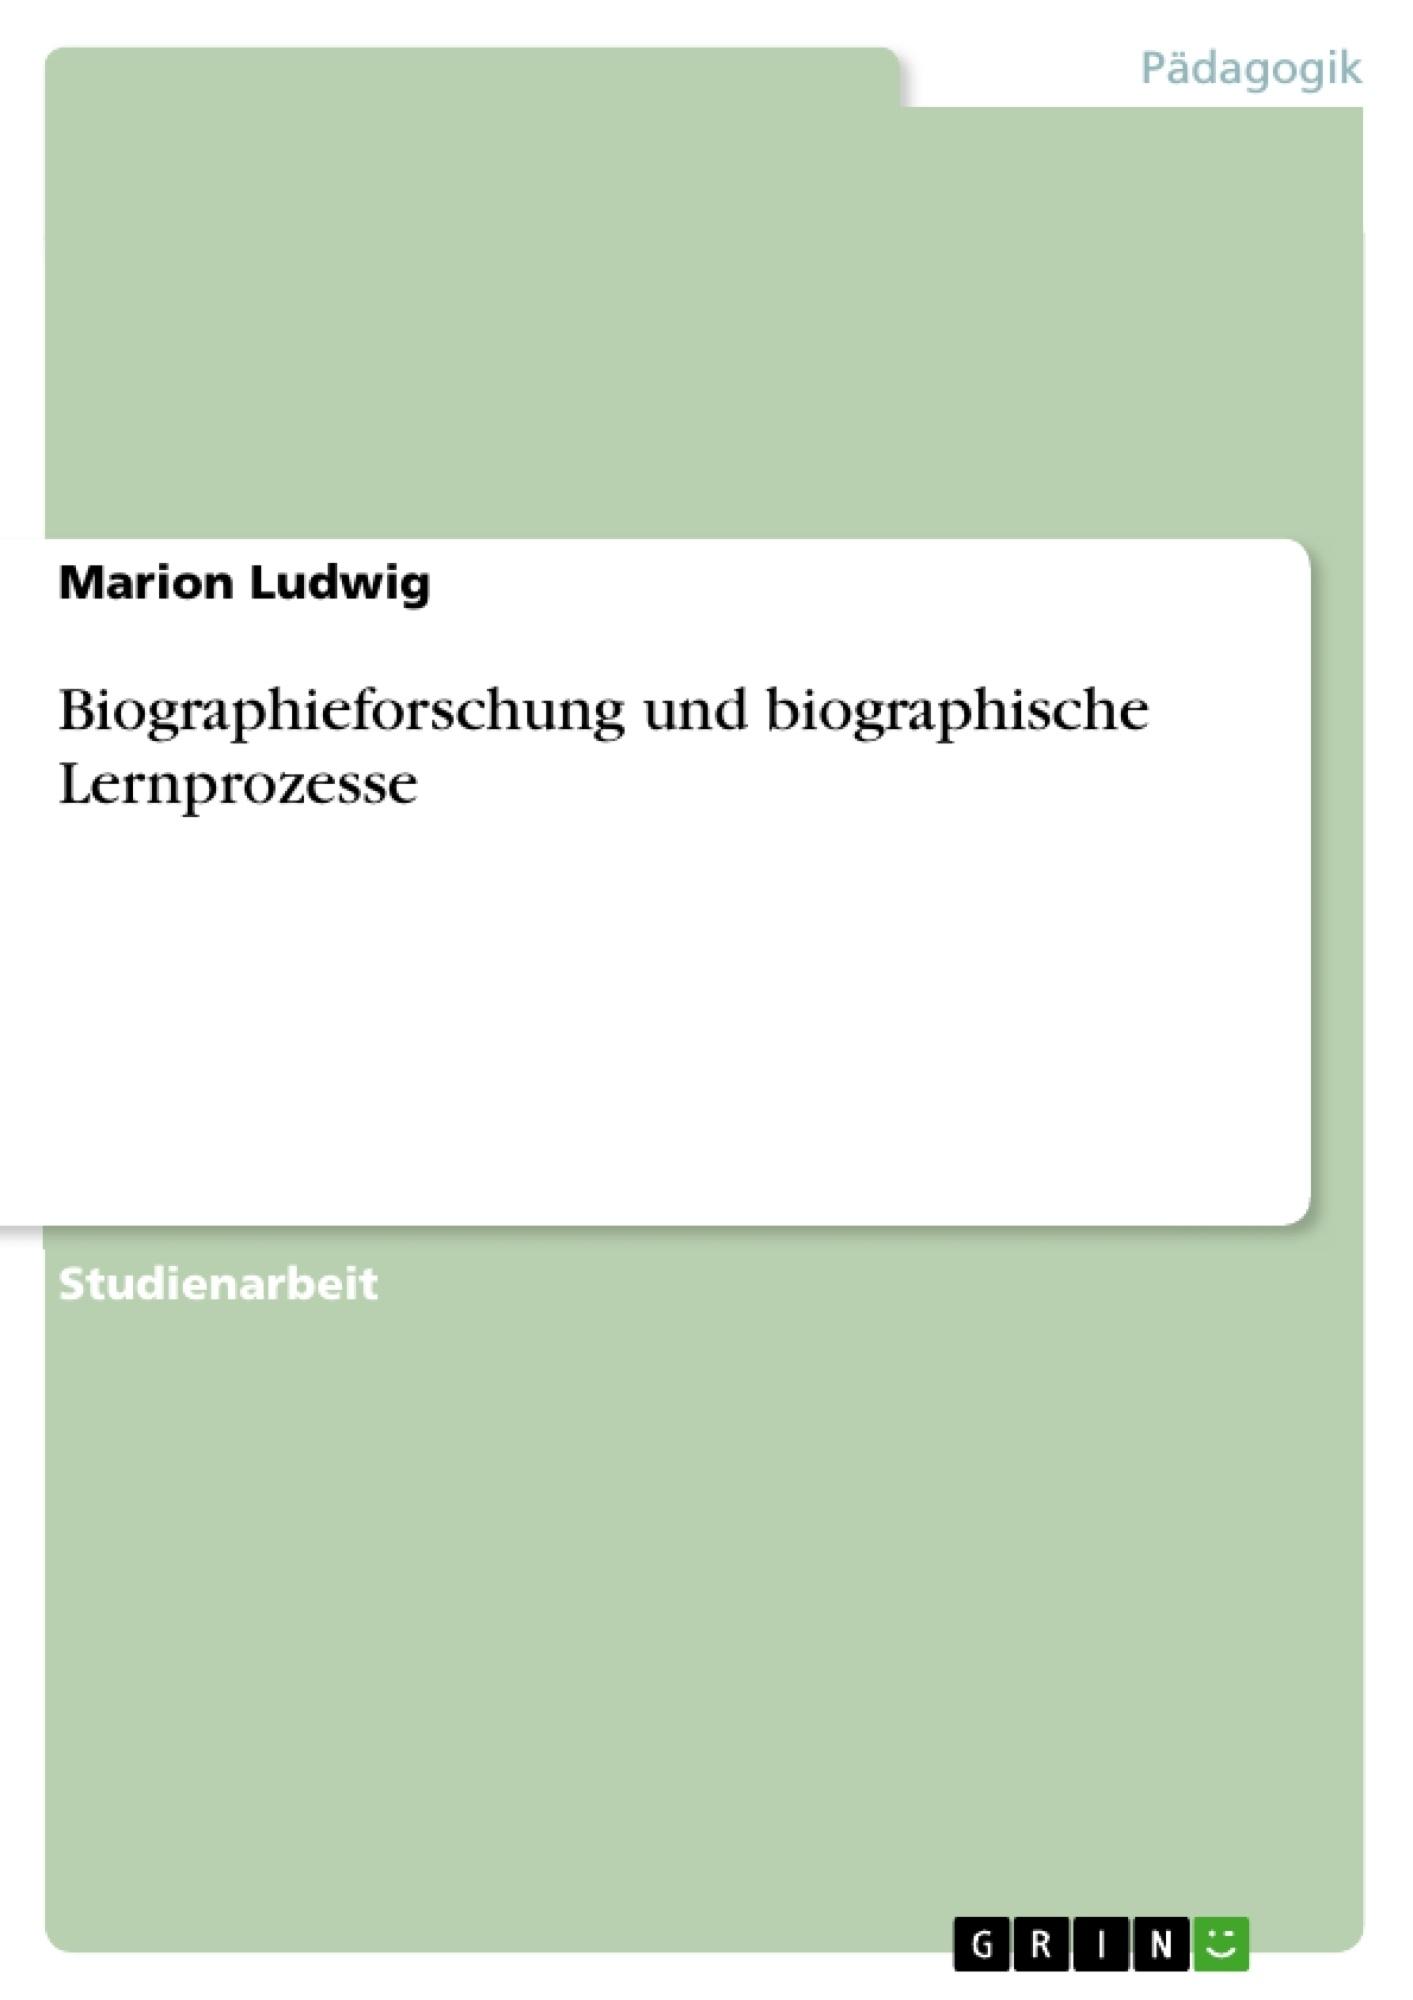 Titel: Biographieforschung und biographische Lernprozesse